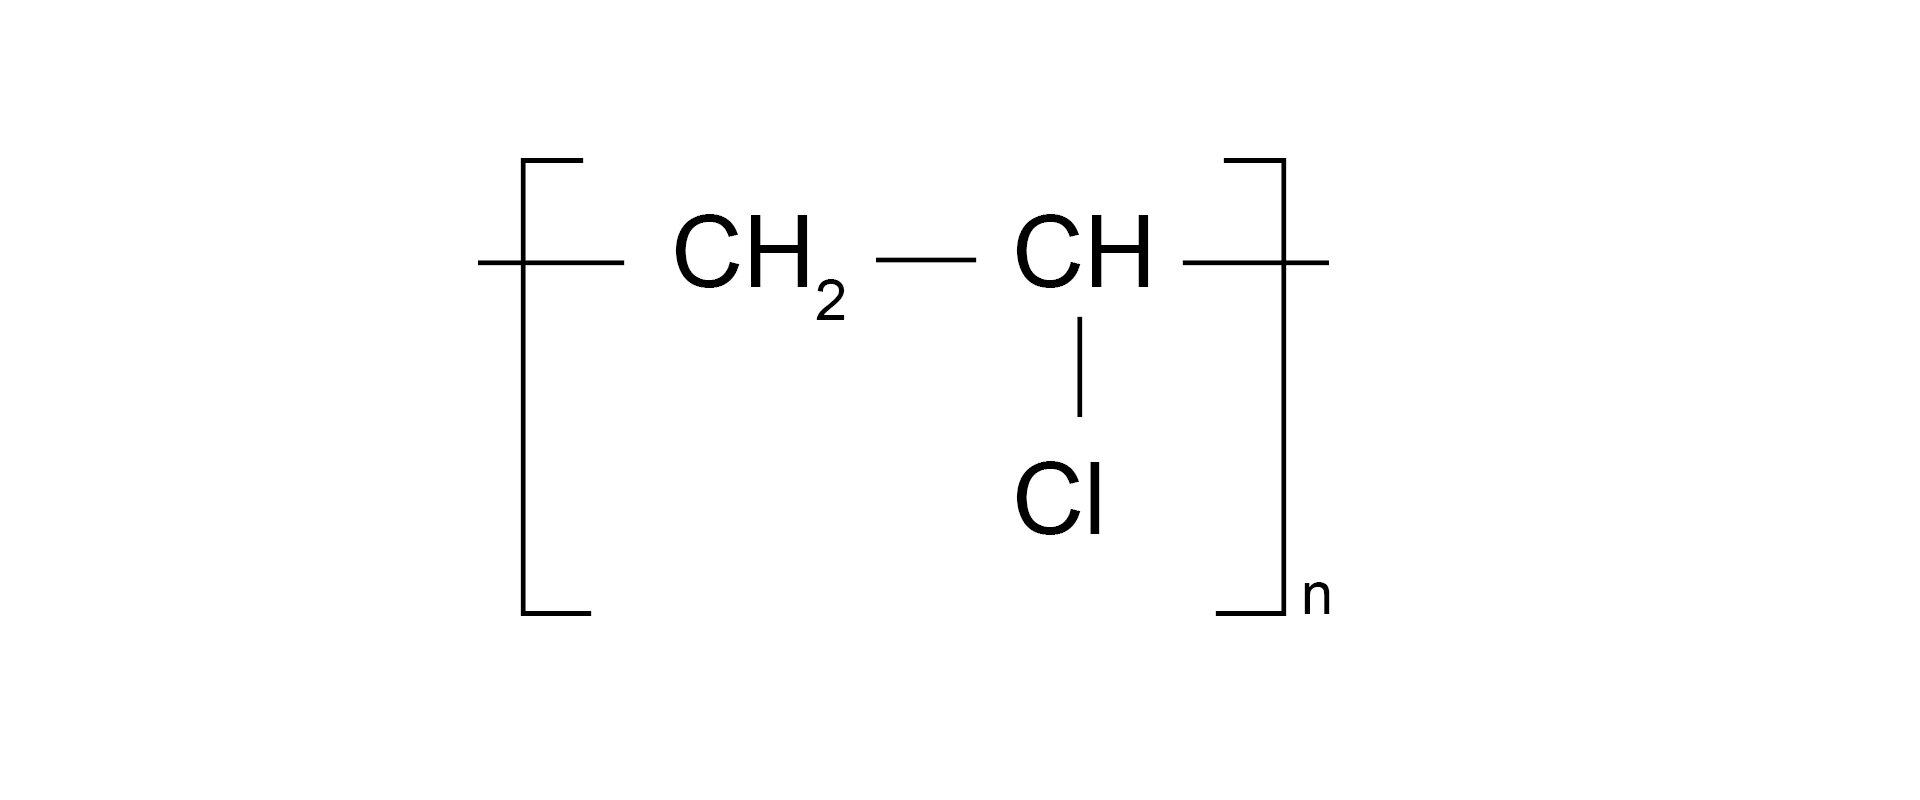 Ilustracja pokazuje wzór sumaryczny polichlorku winylu.